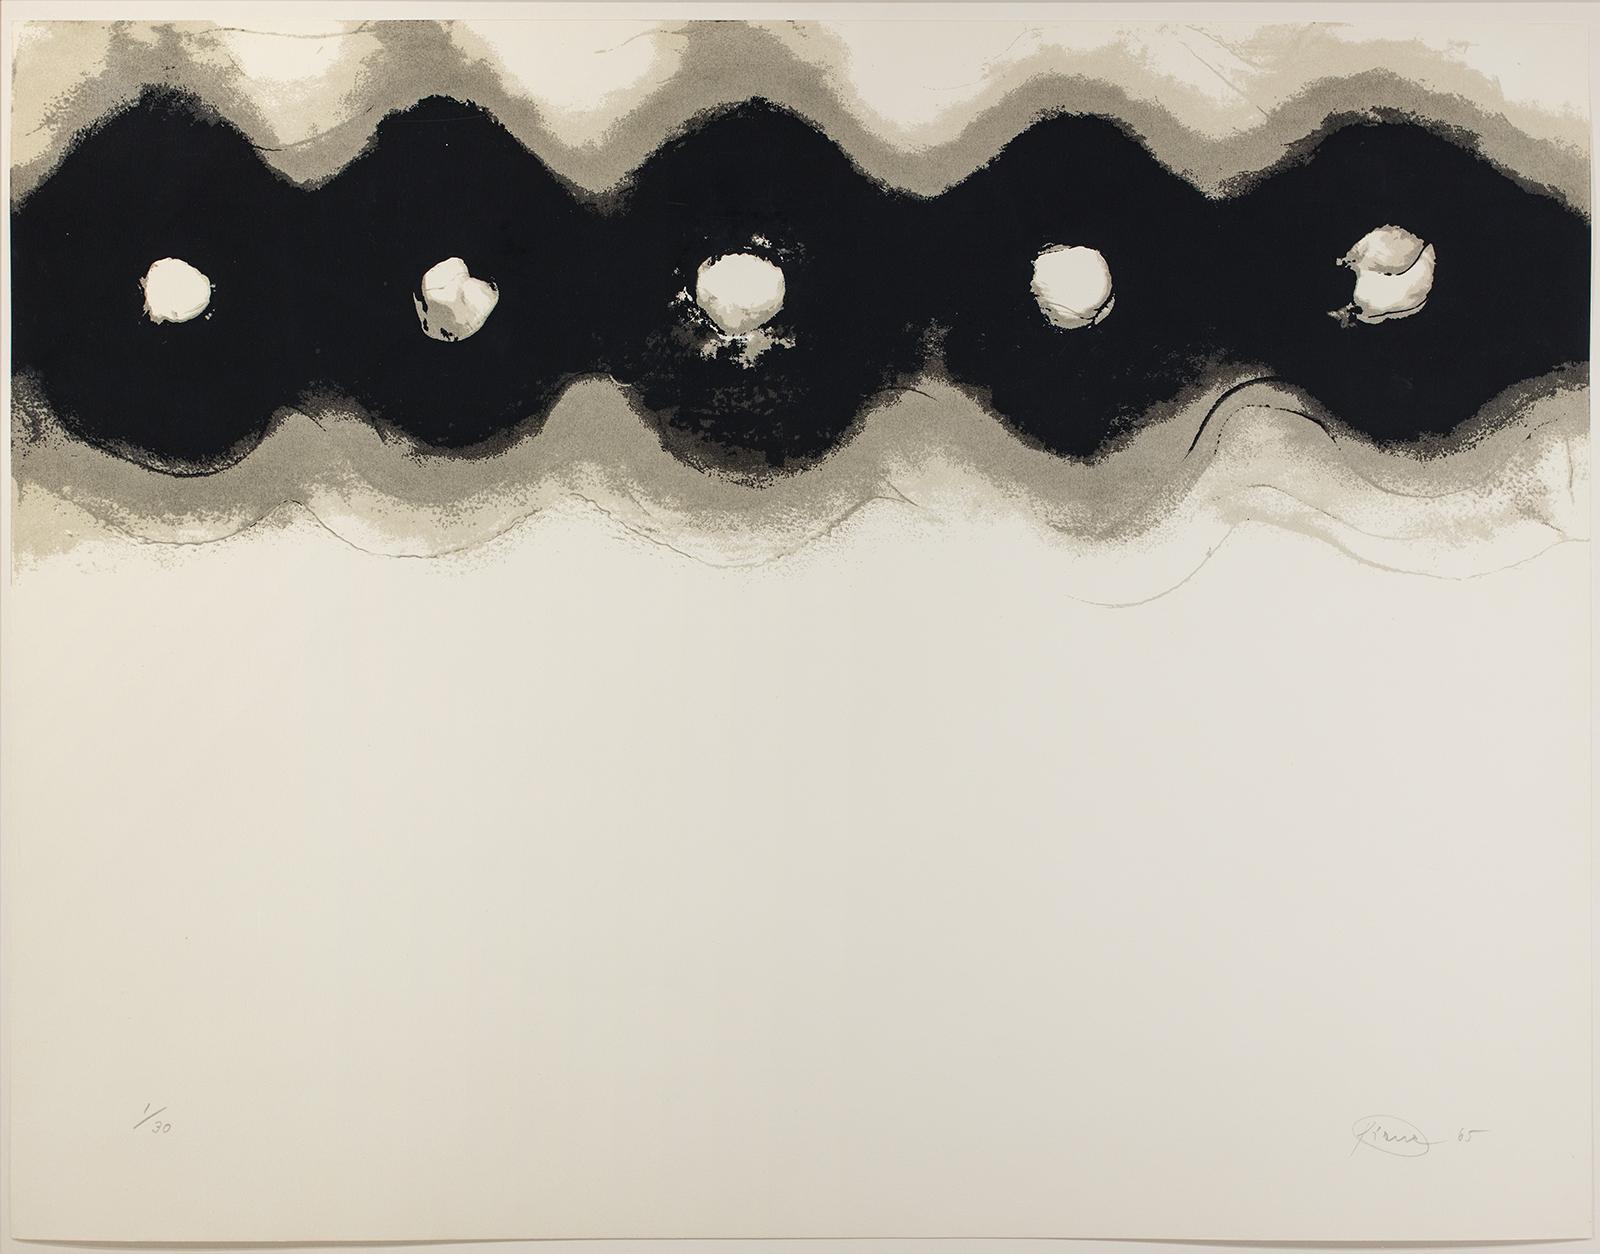 Otto Piene, Untitled, 1965